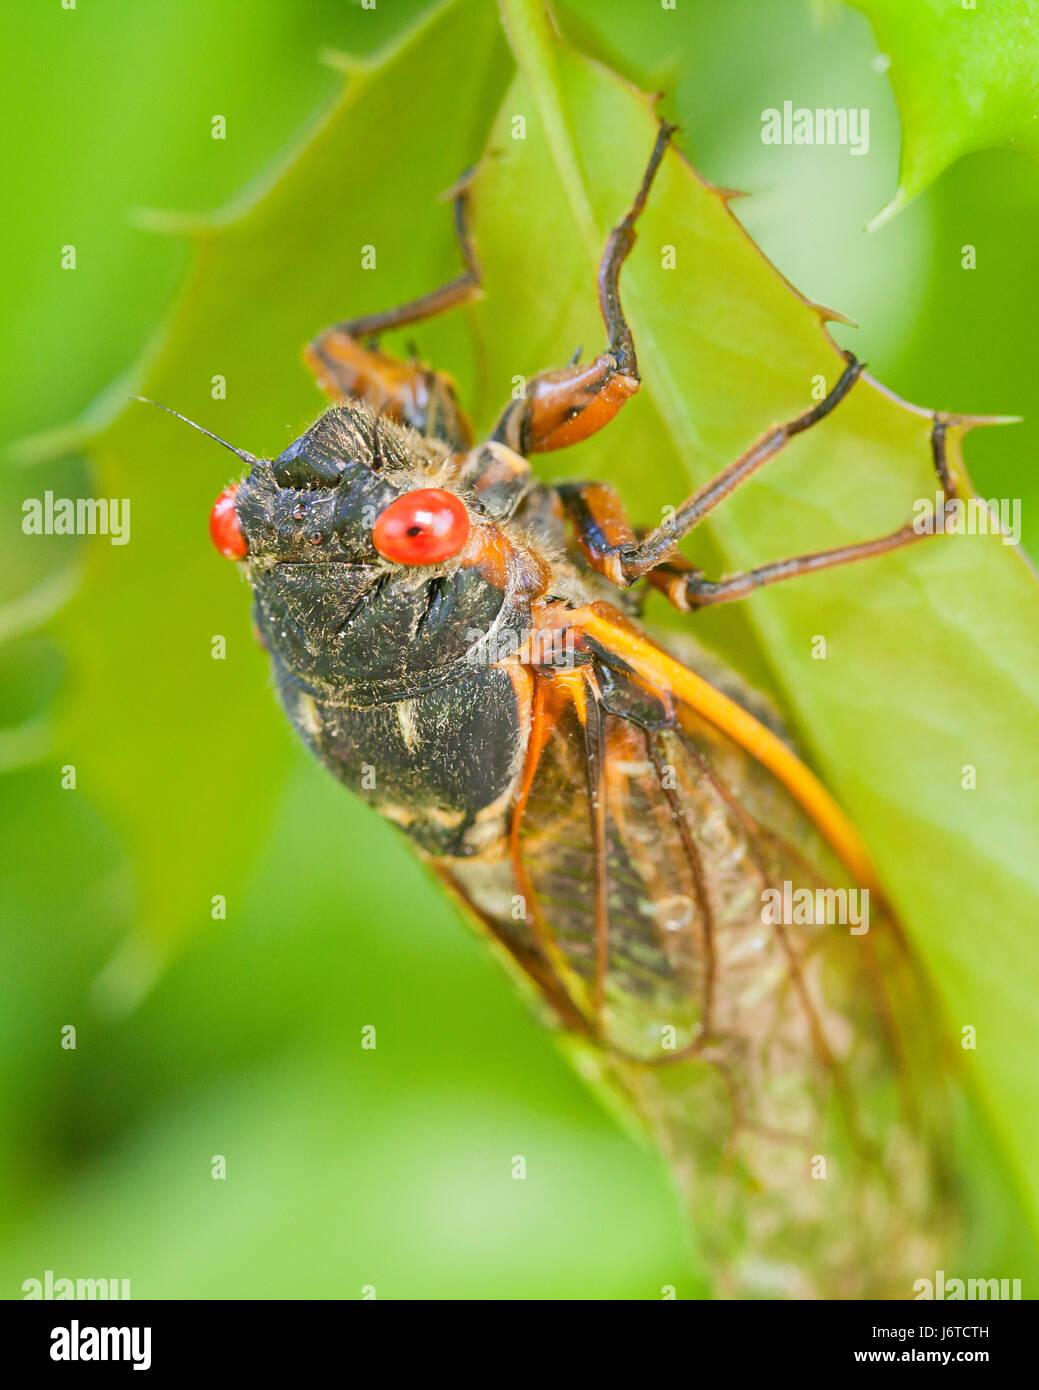 Brood X cicada (Magicicada), May 2017 - Virginia USA - Stock Image